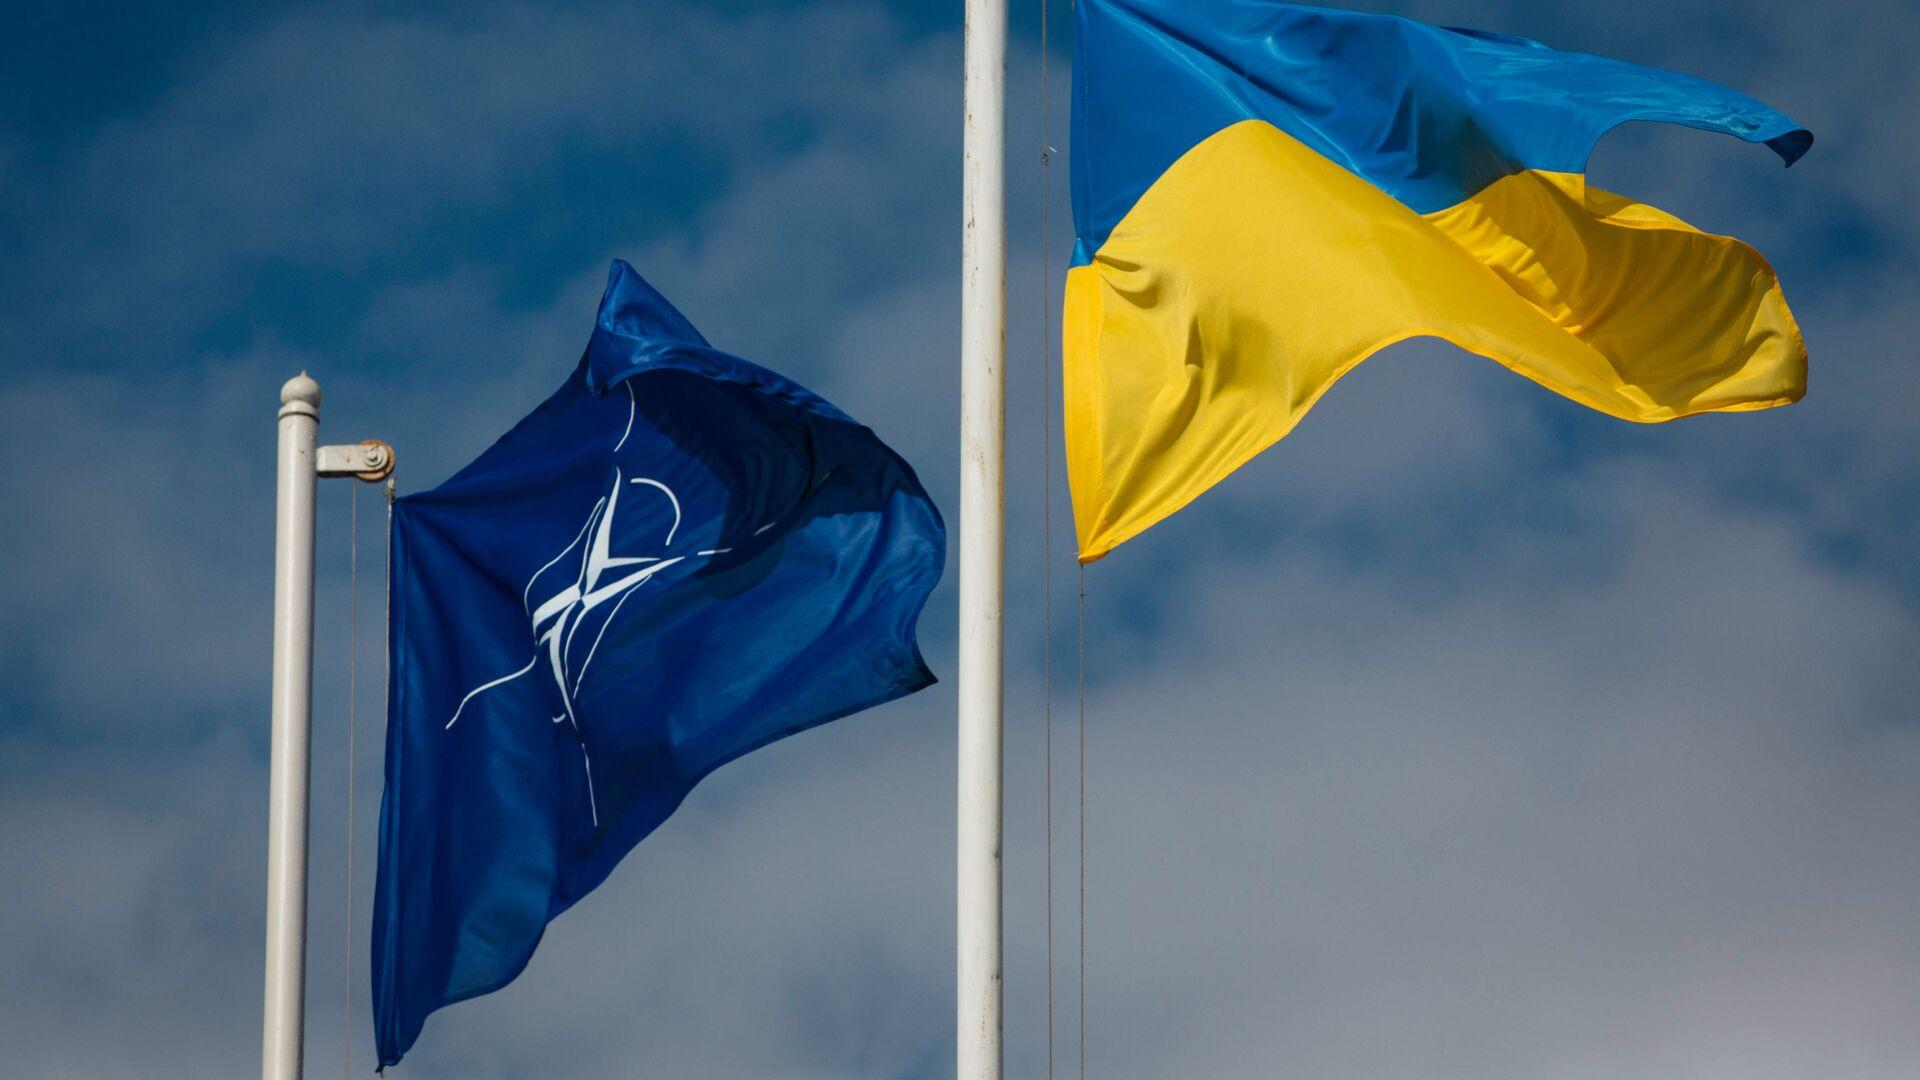 Vlajky NATO a Ukrajiny - Sputnik Česká republika, 1920, 19.06.2021